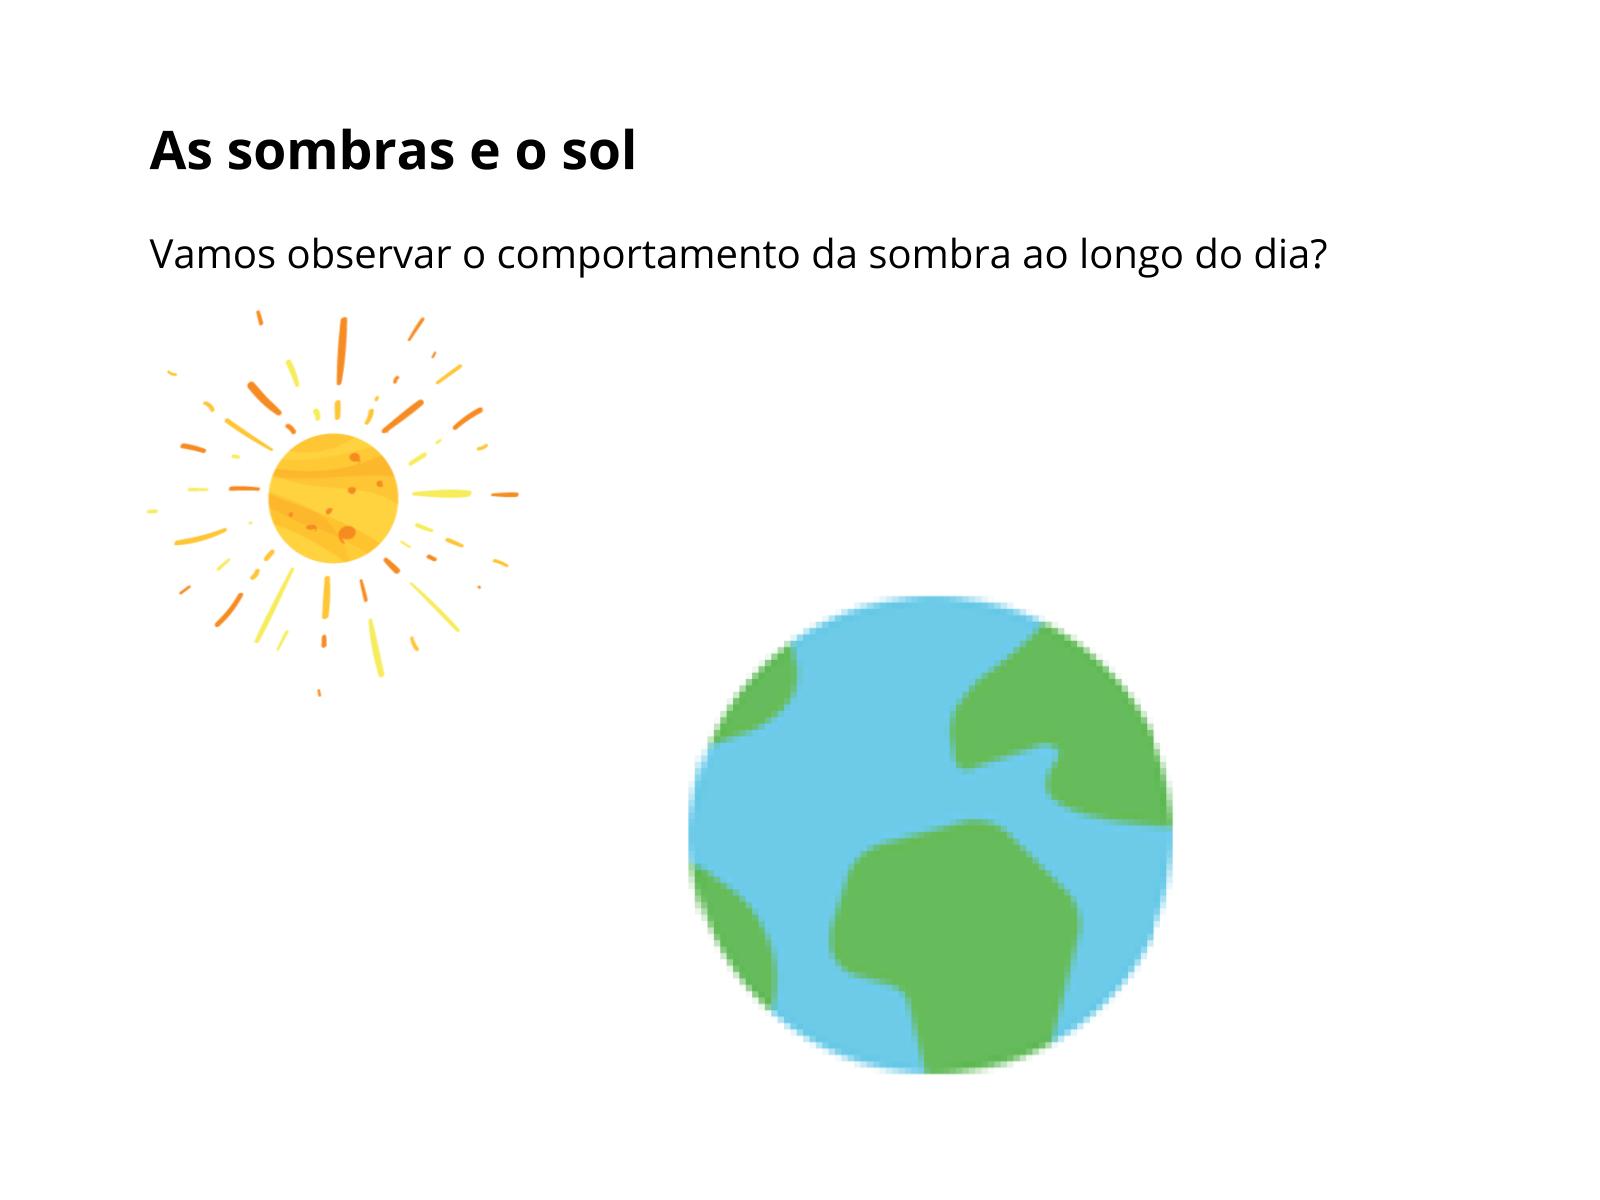 O sol e a sombra